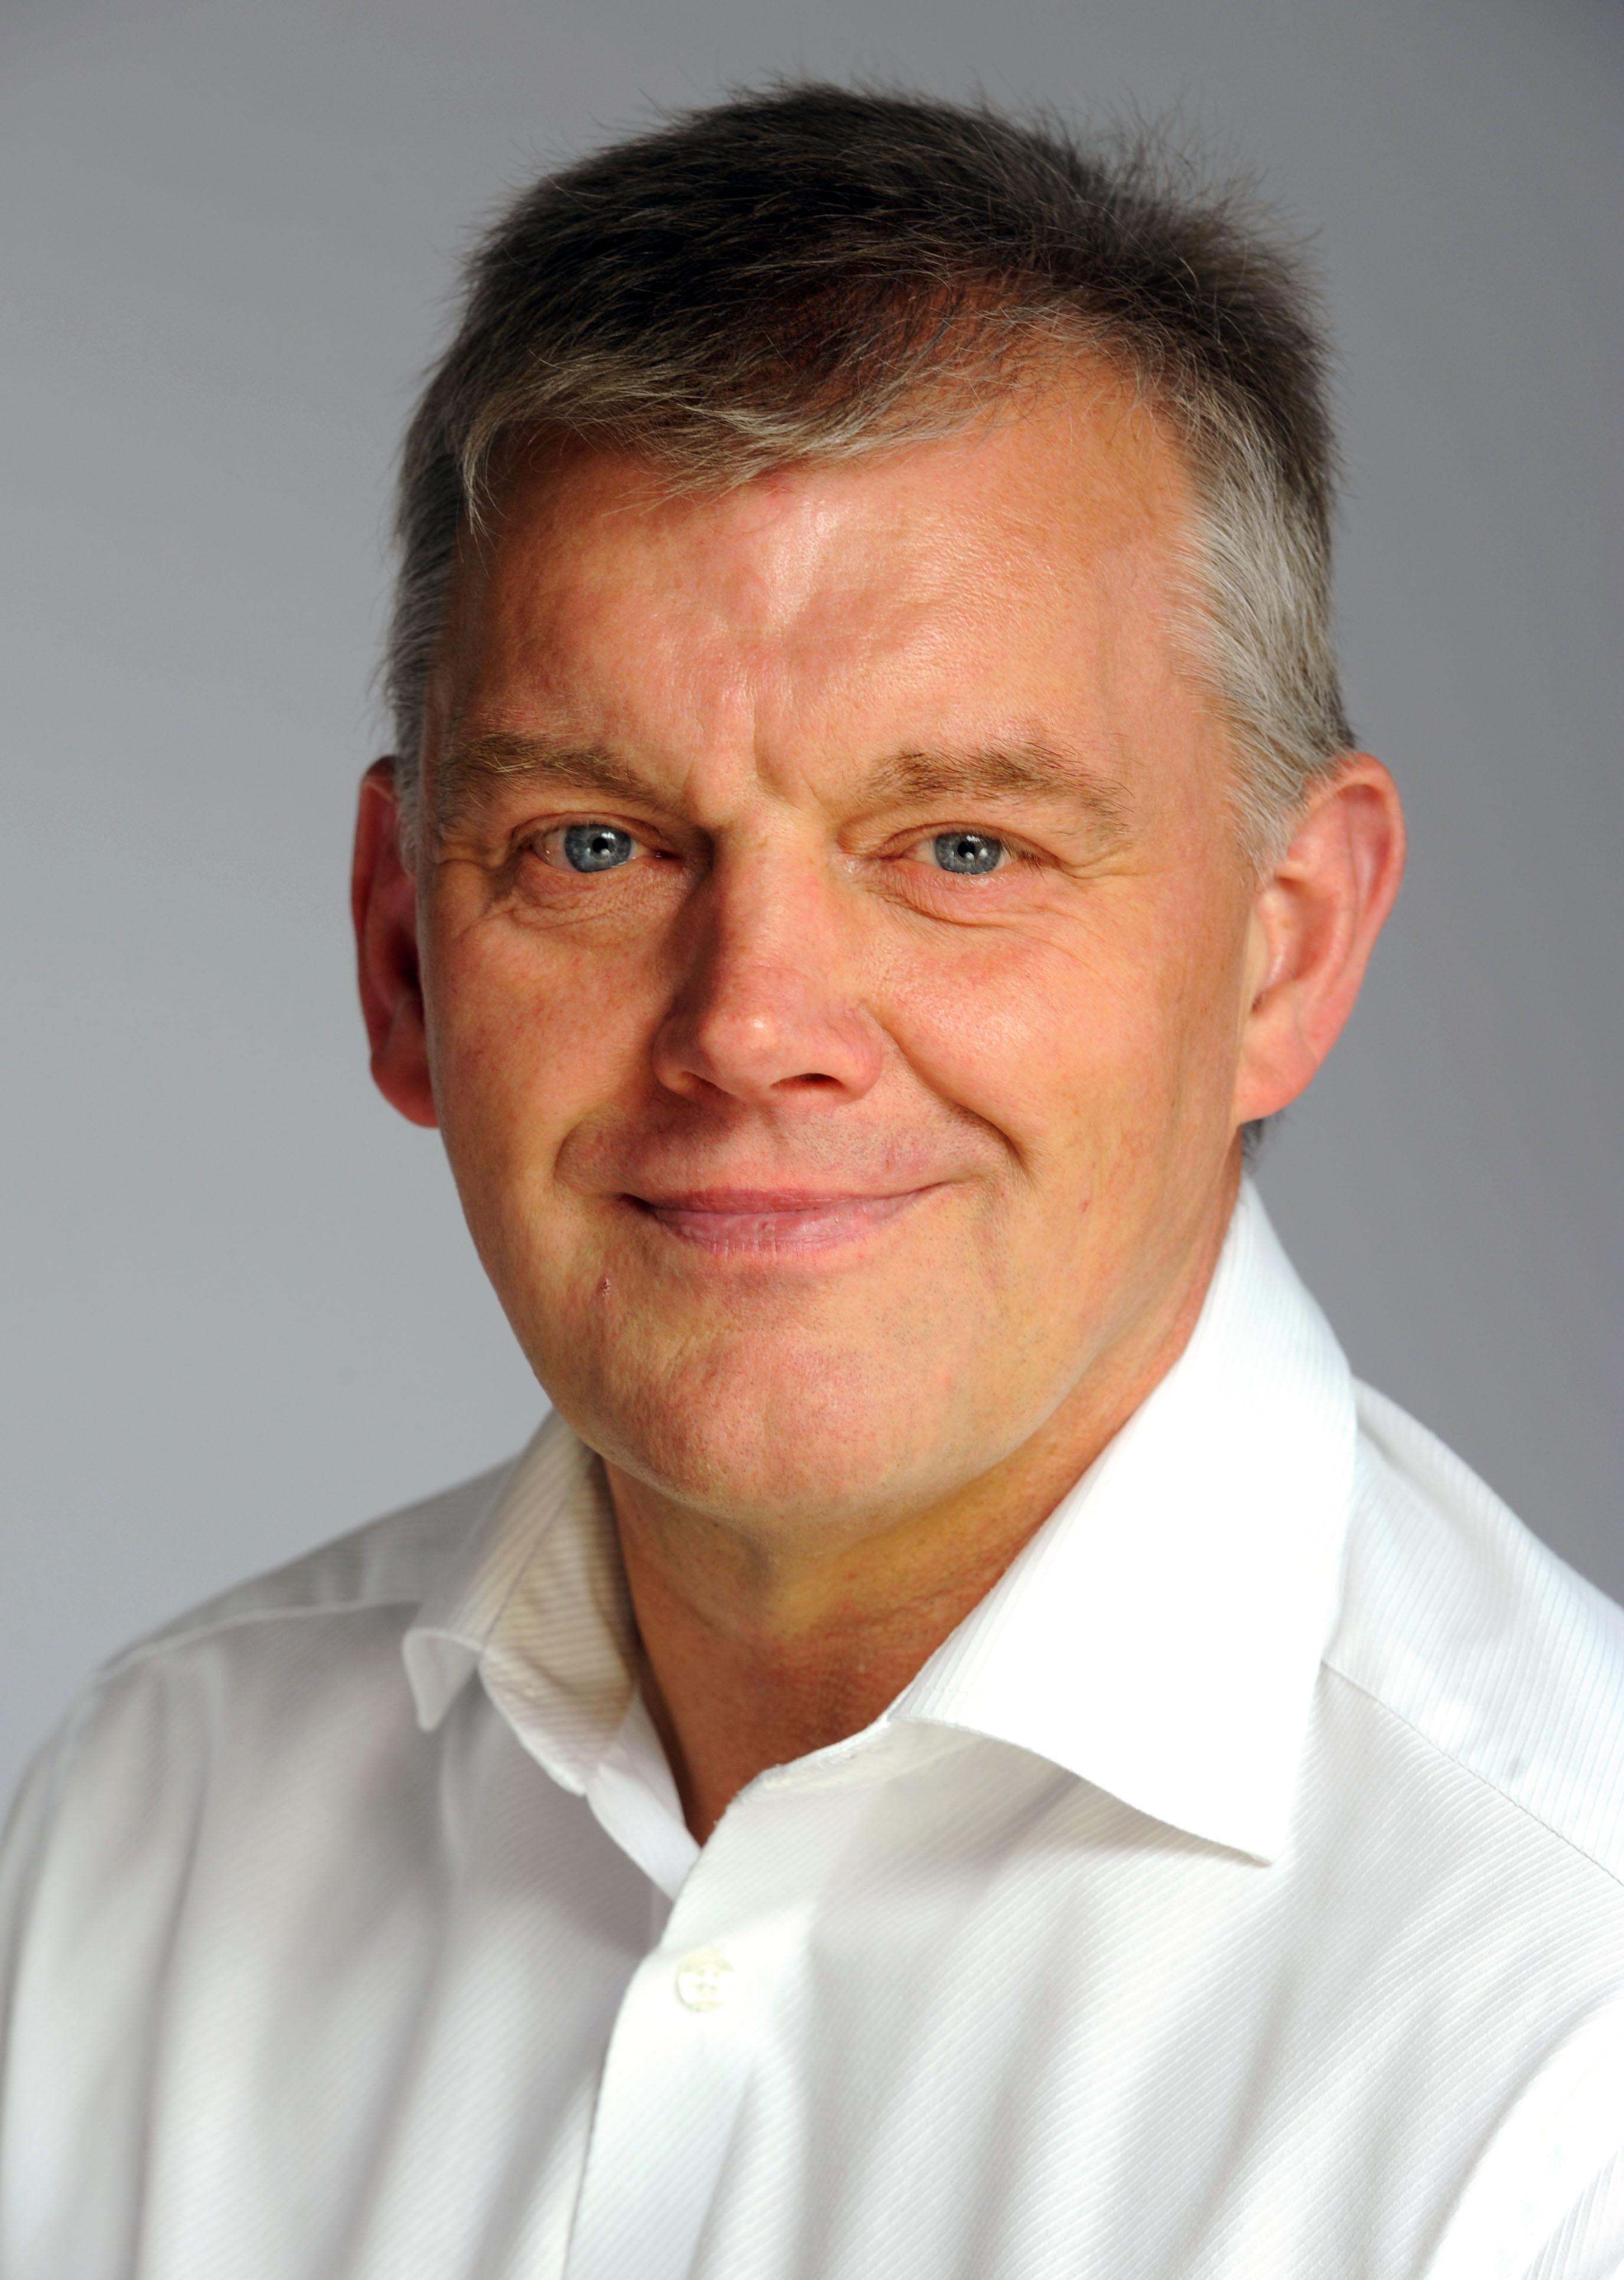 John Yde